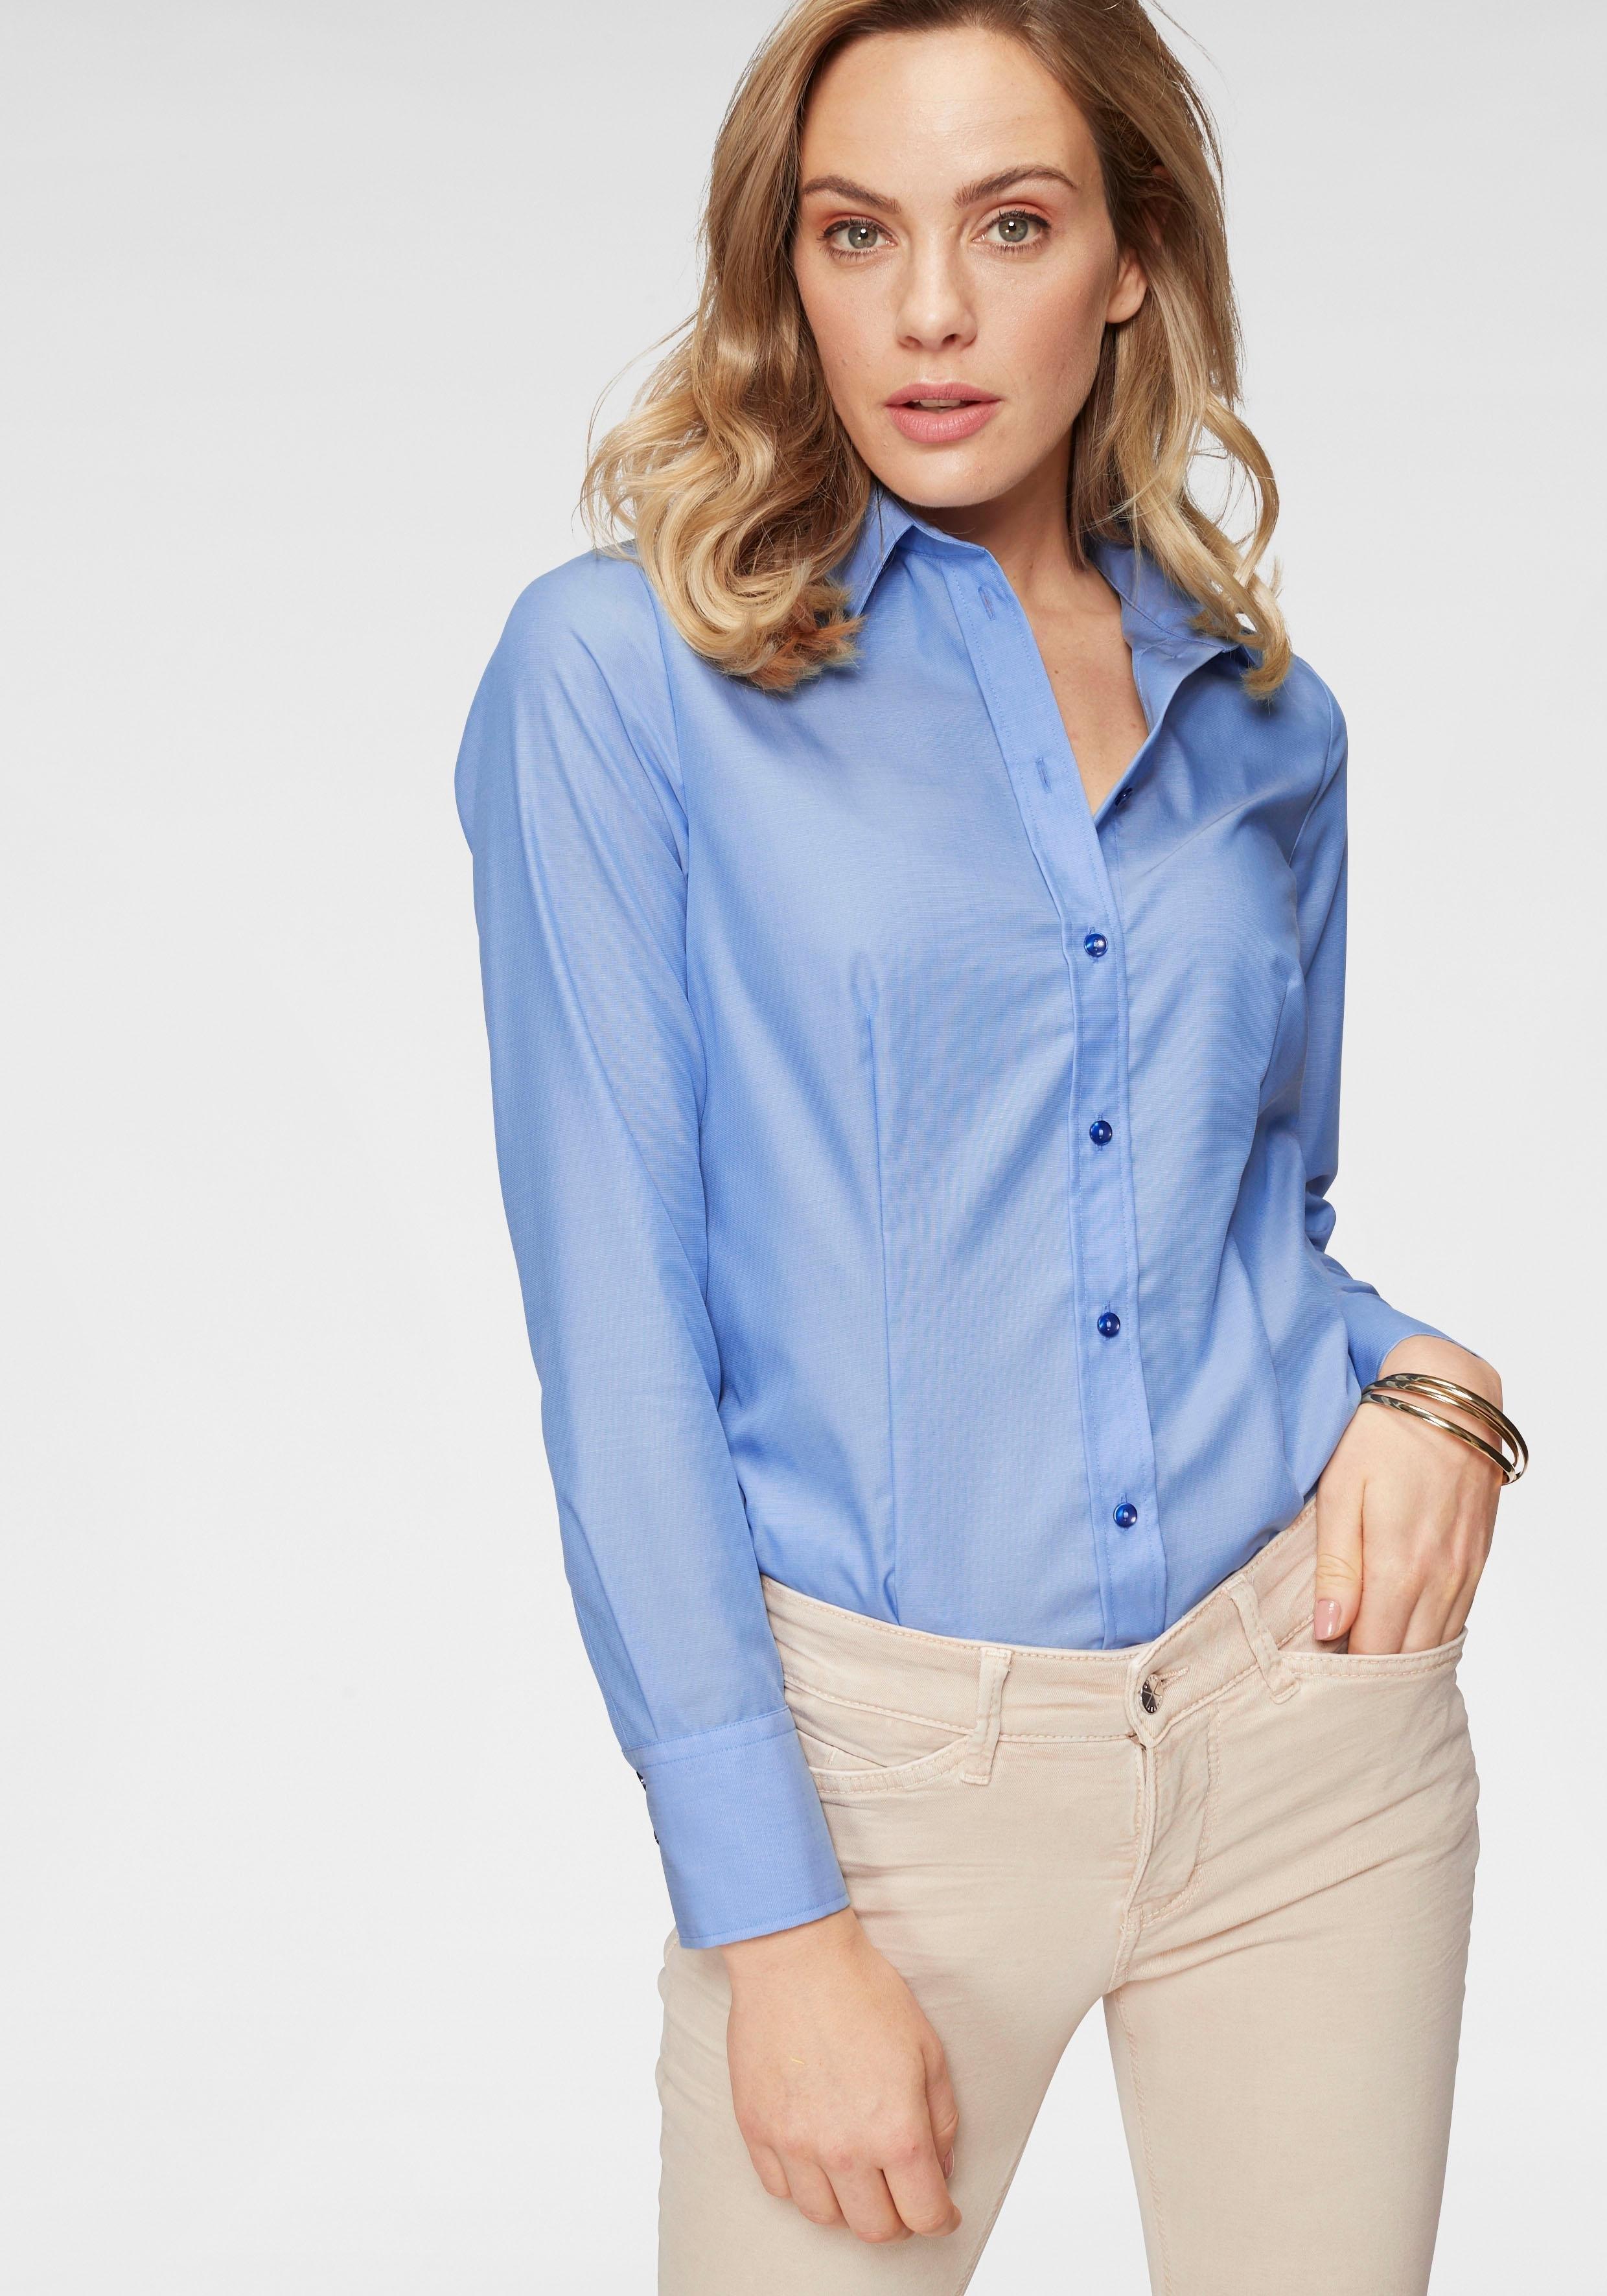 Seidensticker klassieke blouse online kopen op otto.nl